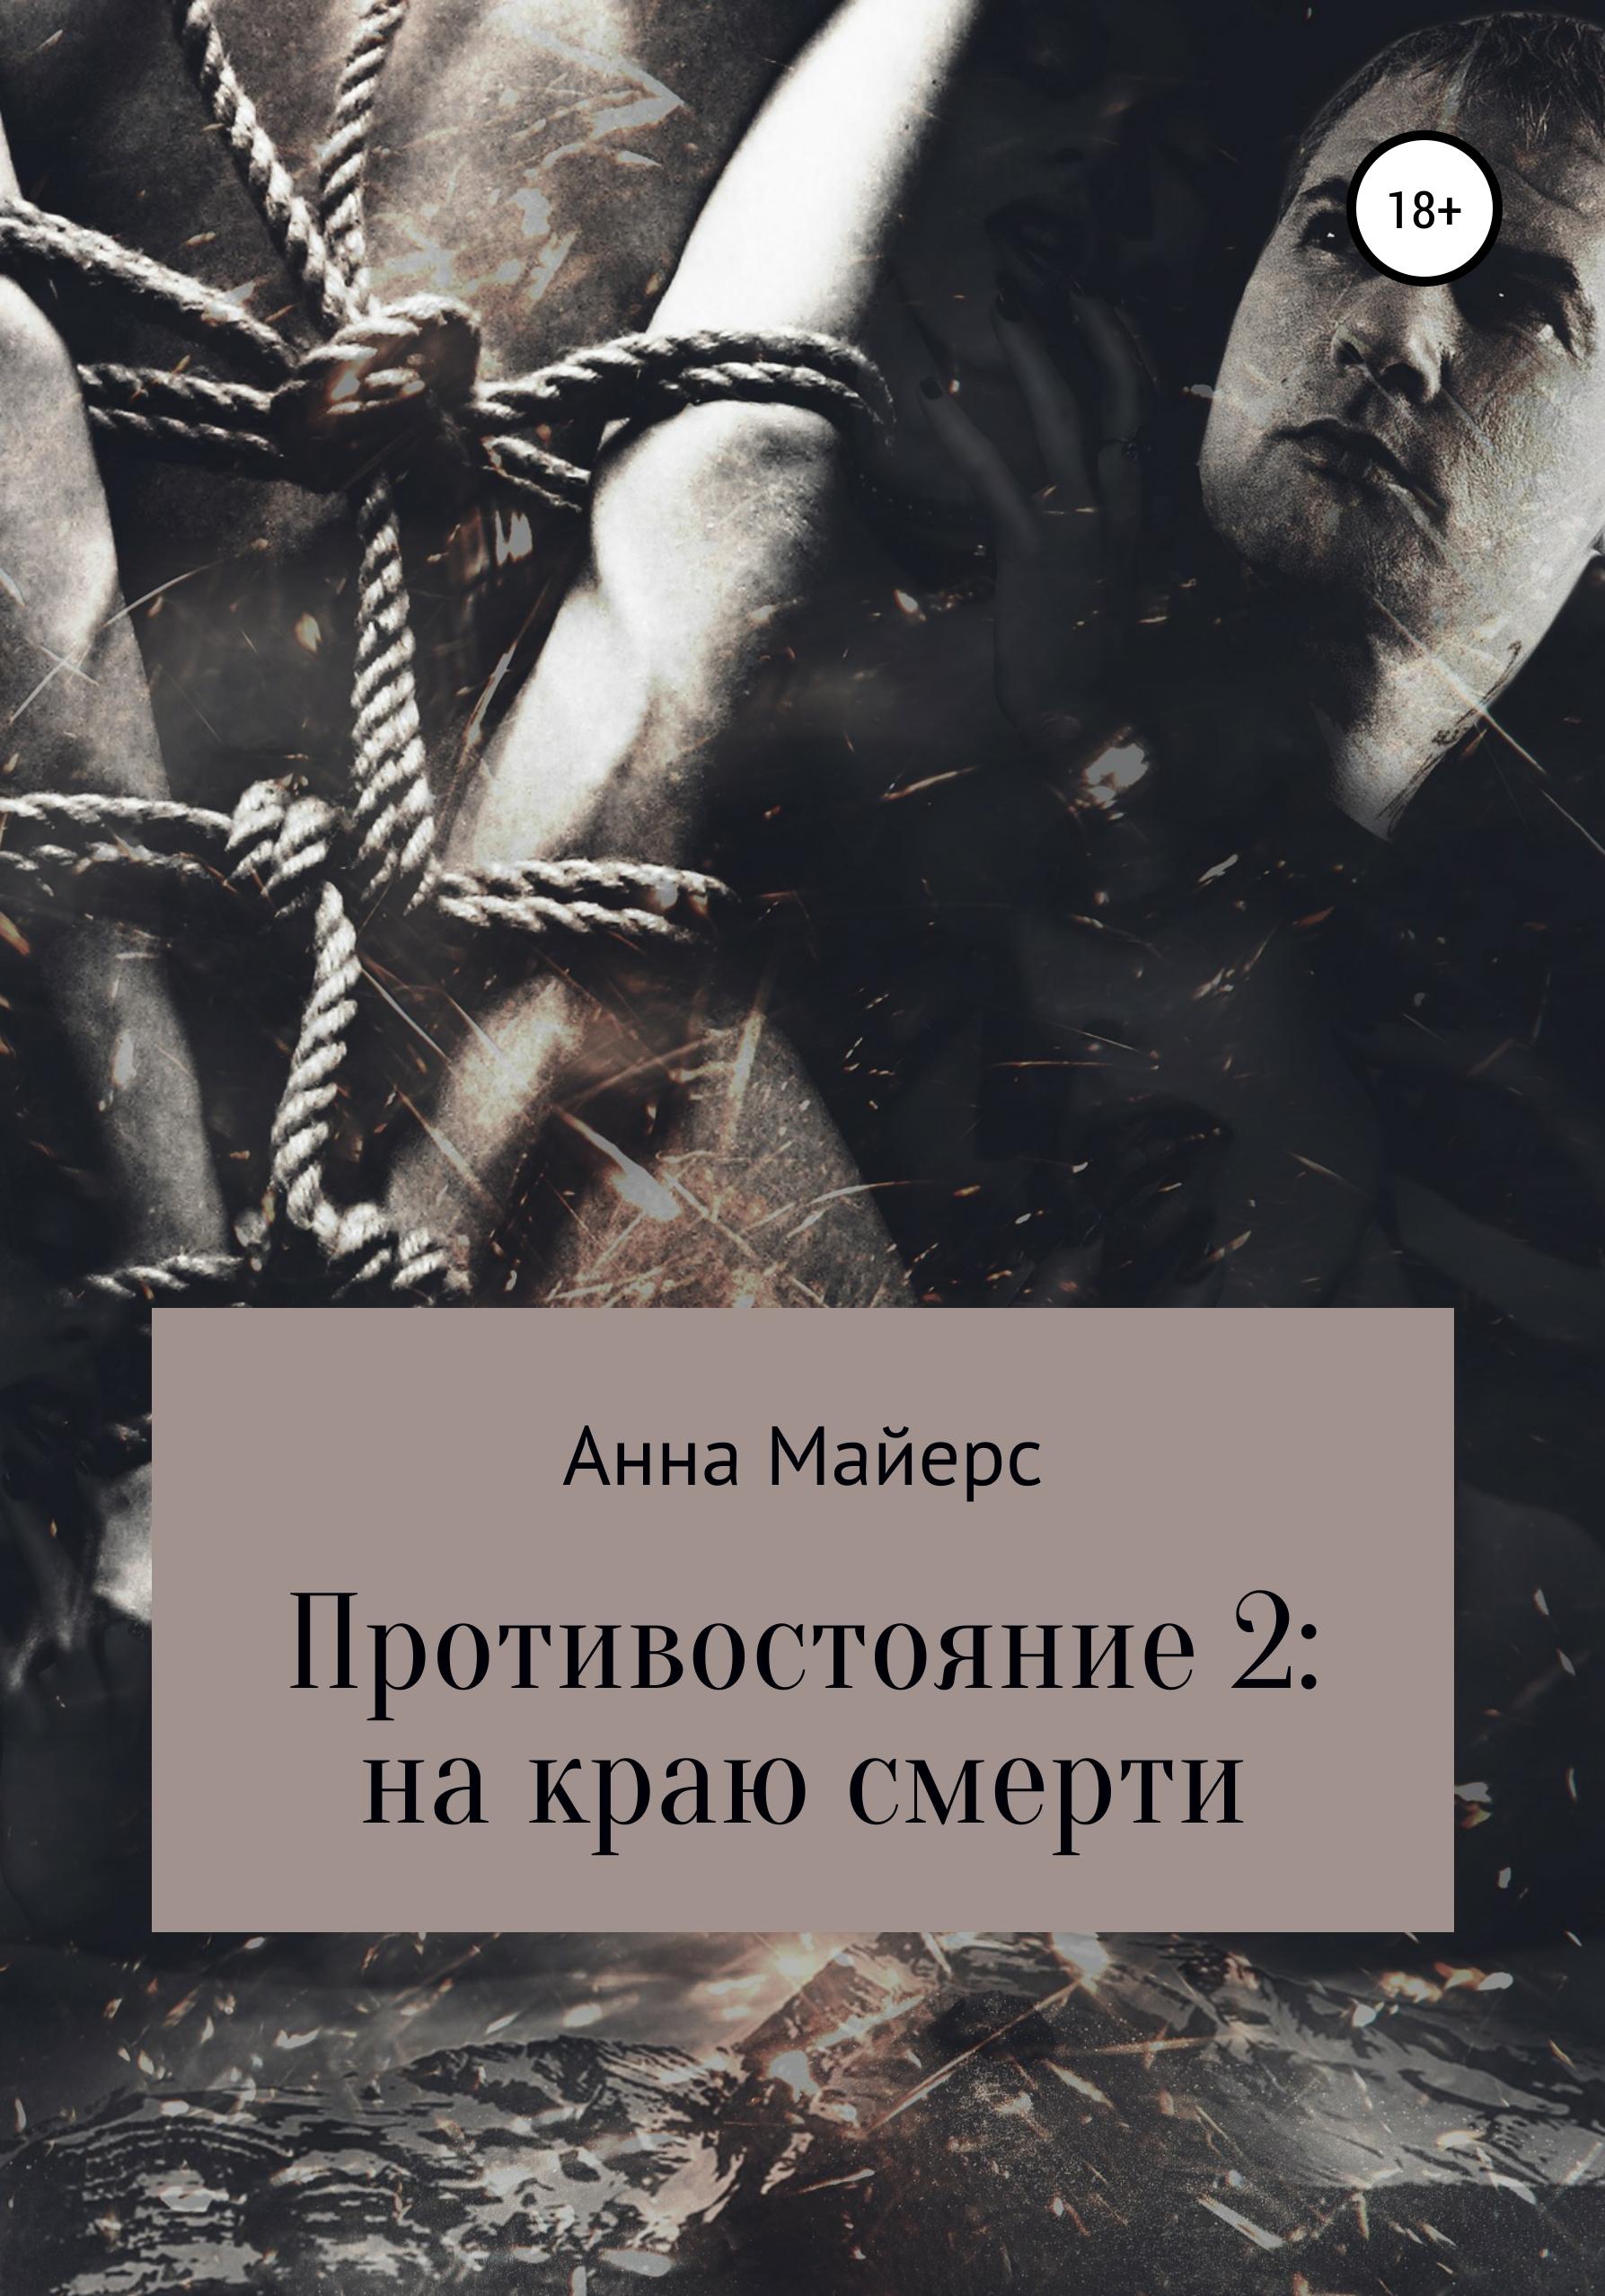 Противостояние-2: на краю смерти